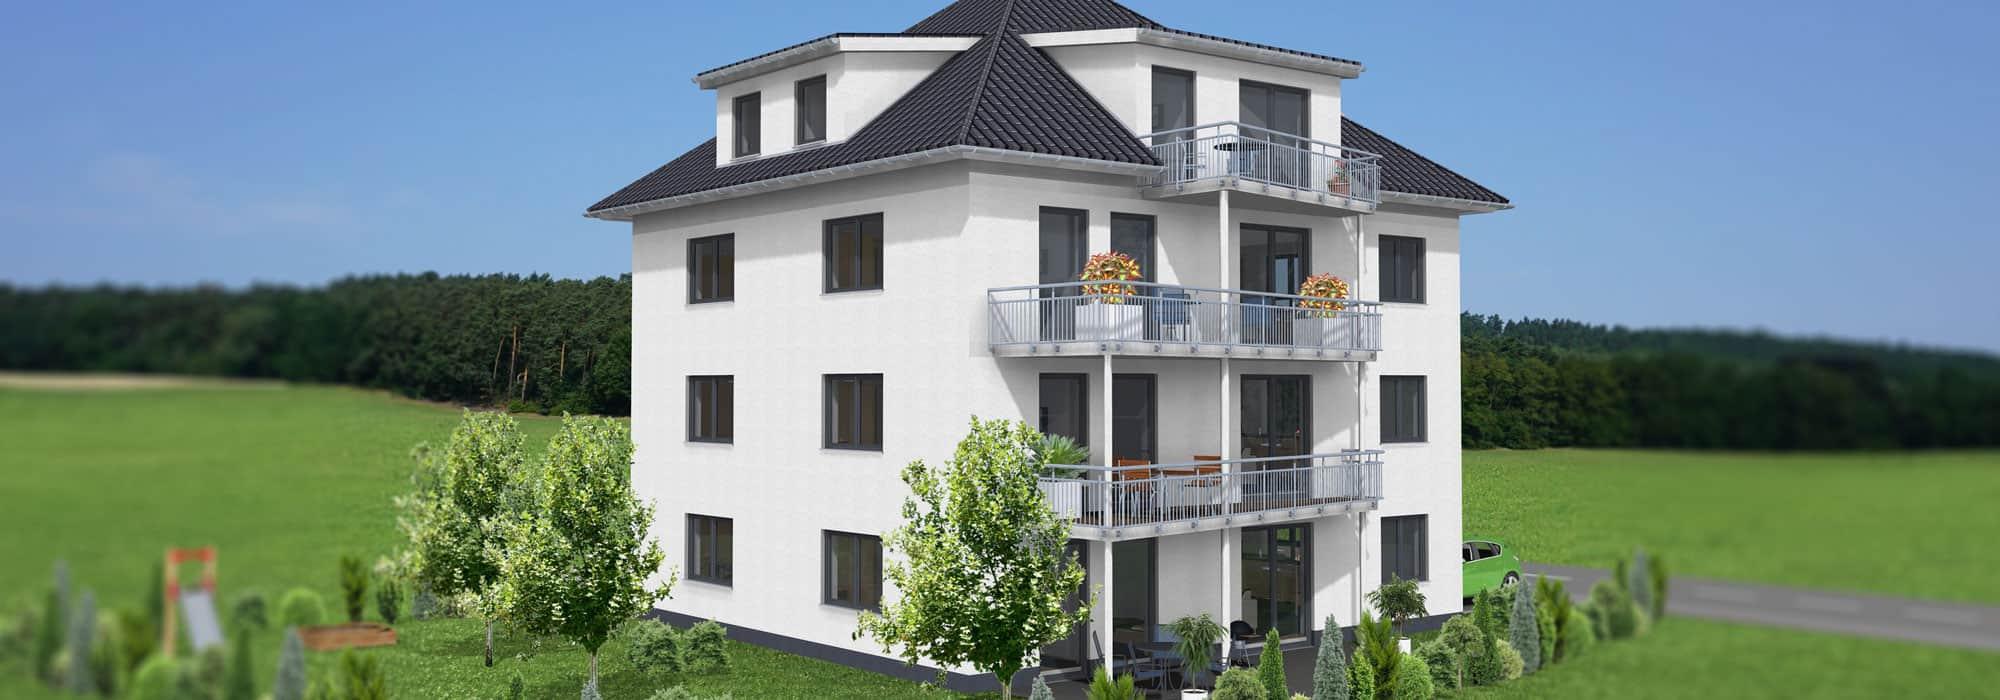 4 Eigentumswohnungen in Bad Hersfeld